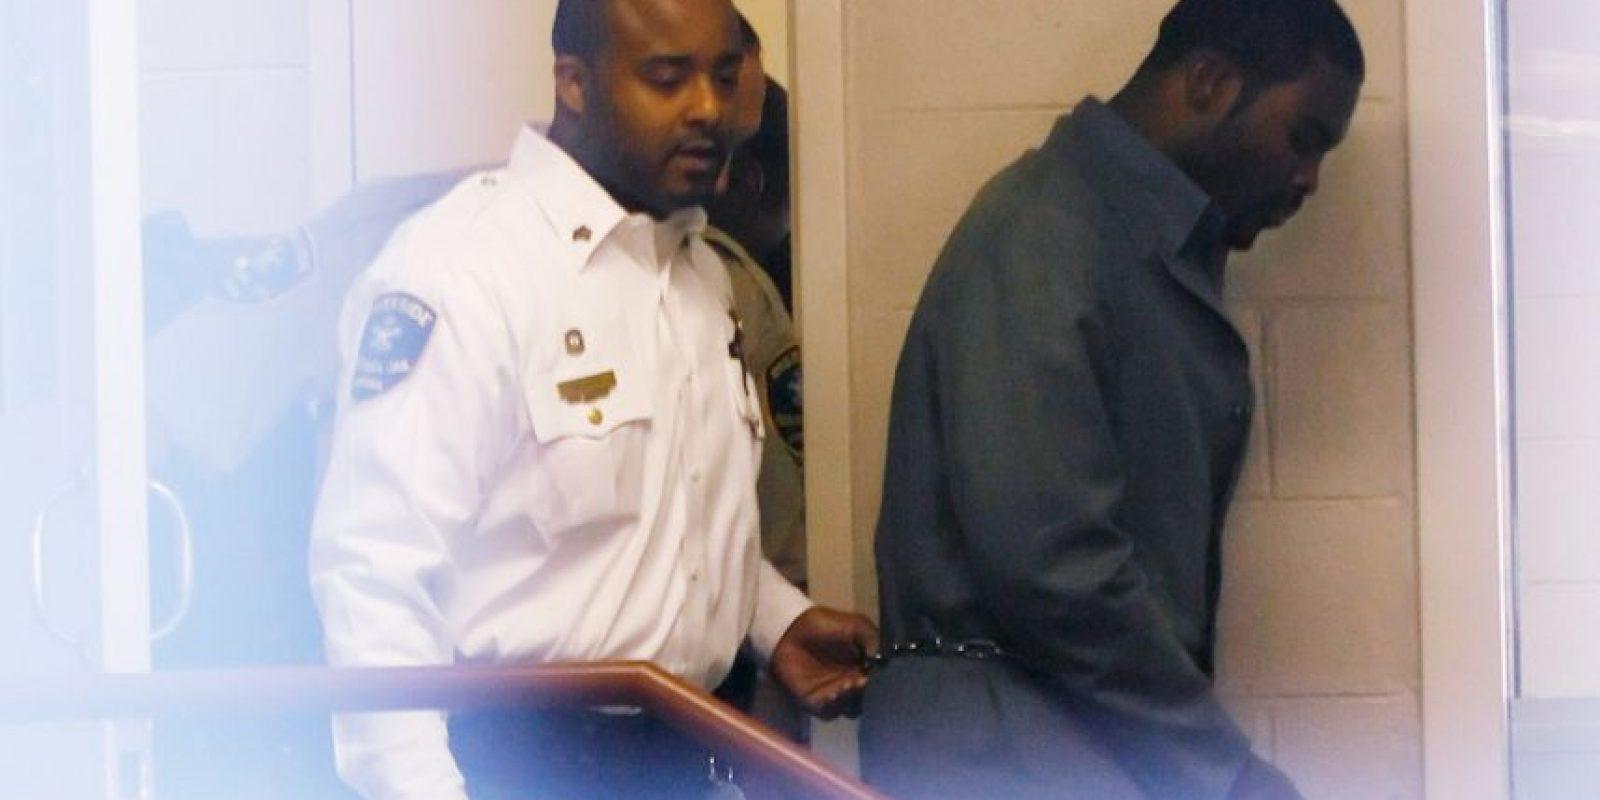 Fue sentenciado a 23 meses de cárcel y tres años de libertad condicional en 2007 por promover y organizar peleas de perros clandestinas. El quarterback se declaró culpable durante el juicio, pero salió libre en 2009 y retomó su carrera en el fútbol americano. Foto:Getty Images